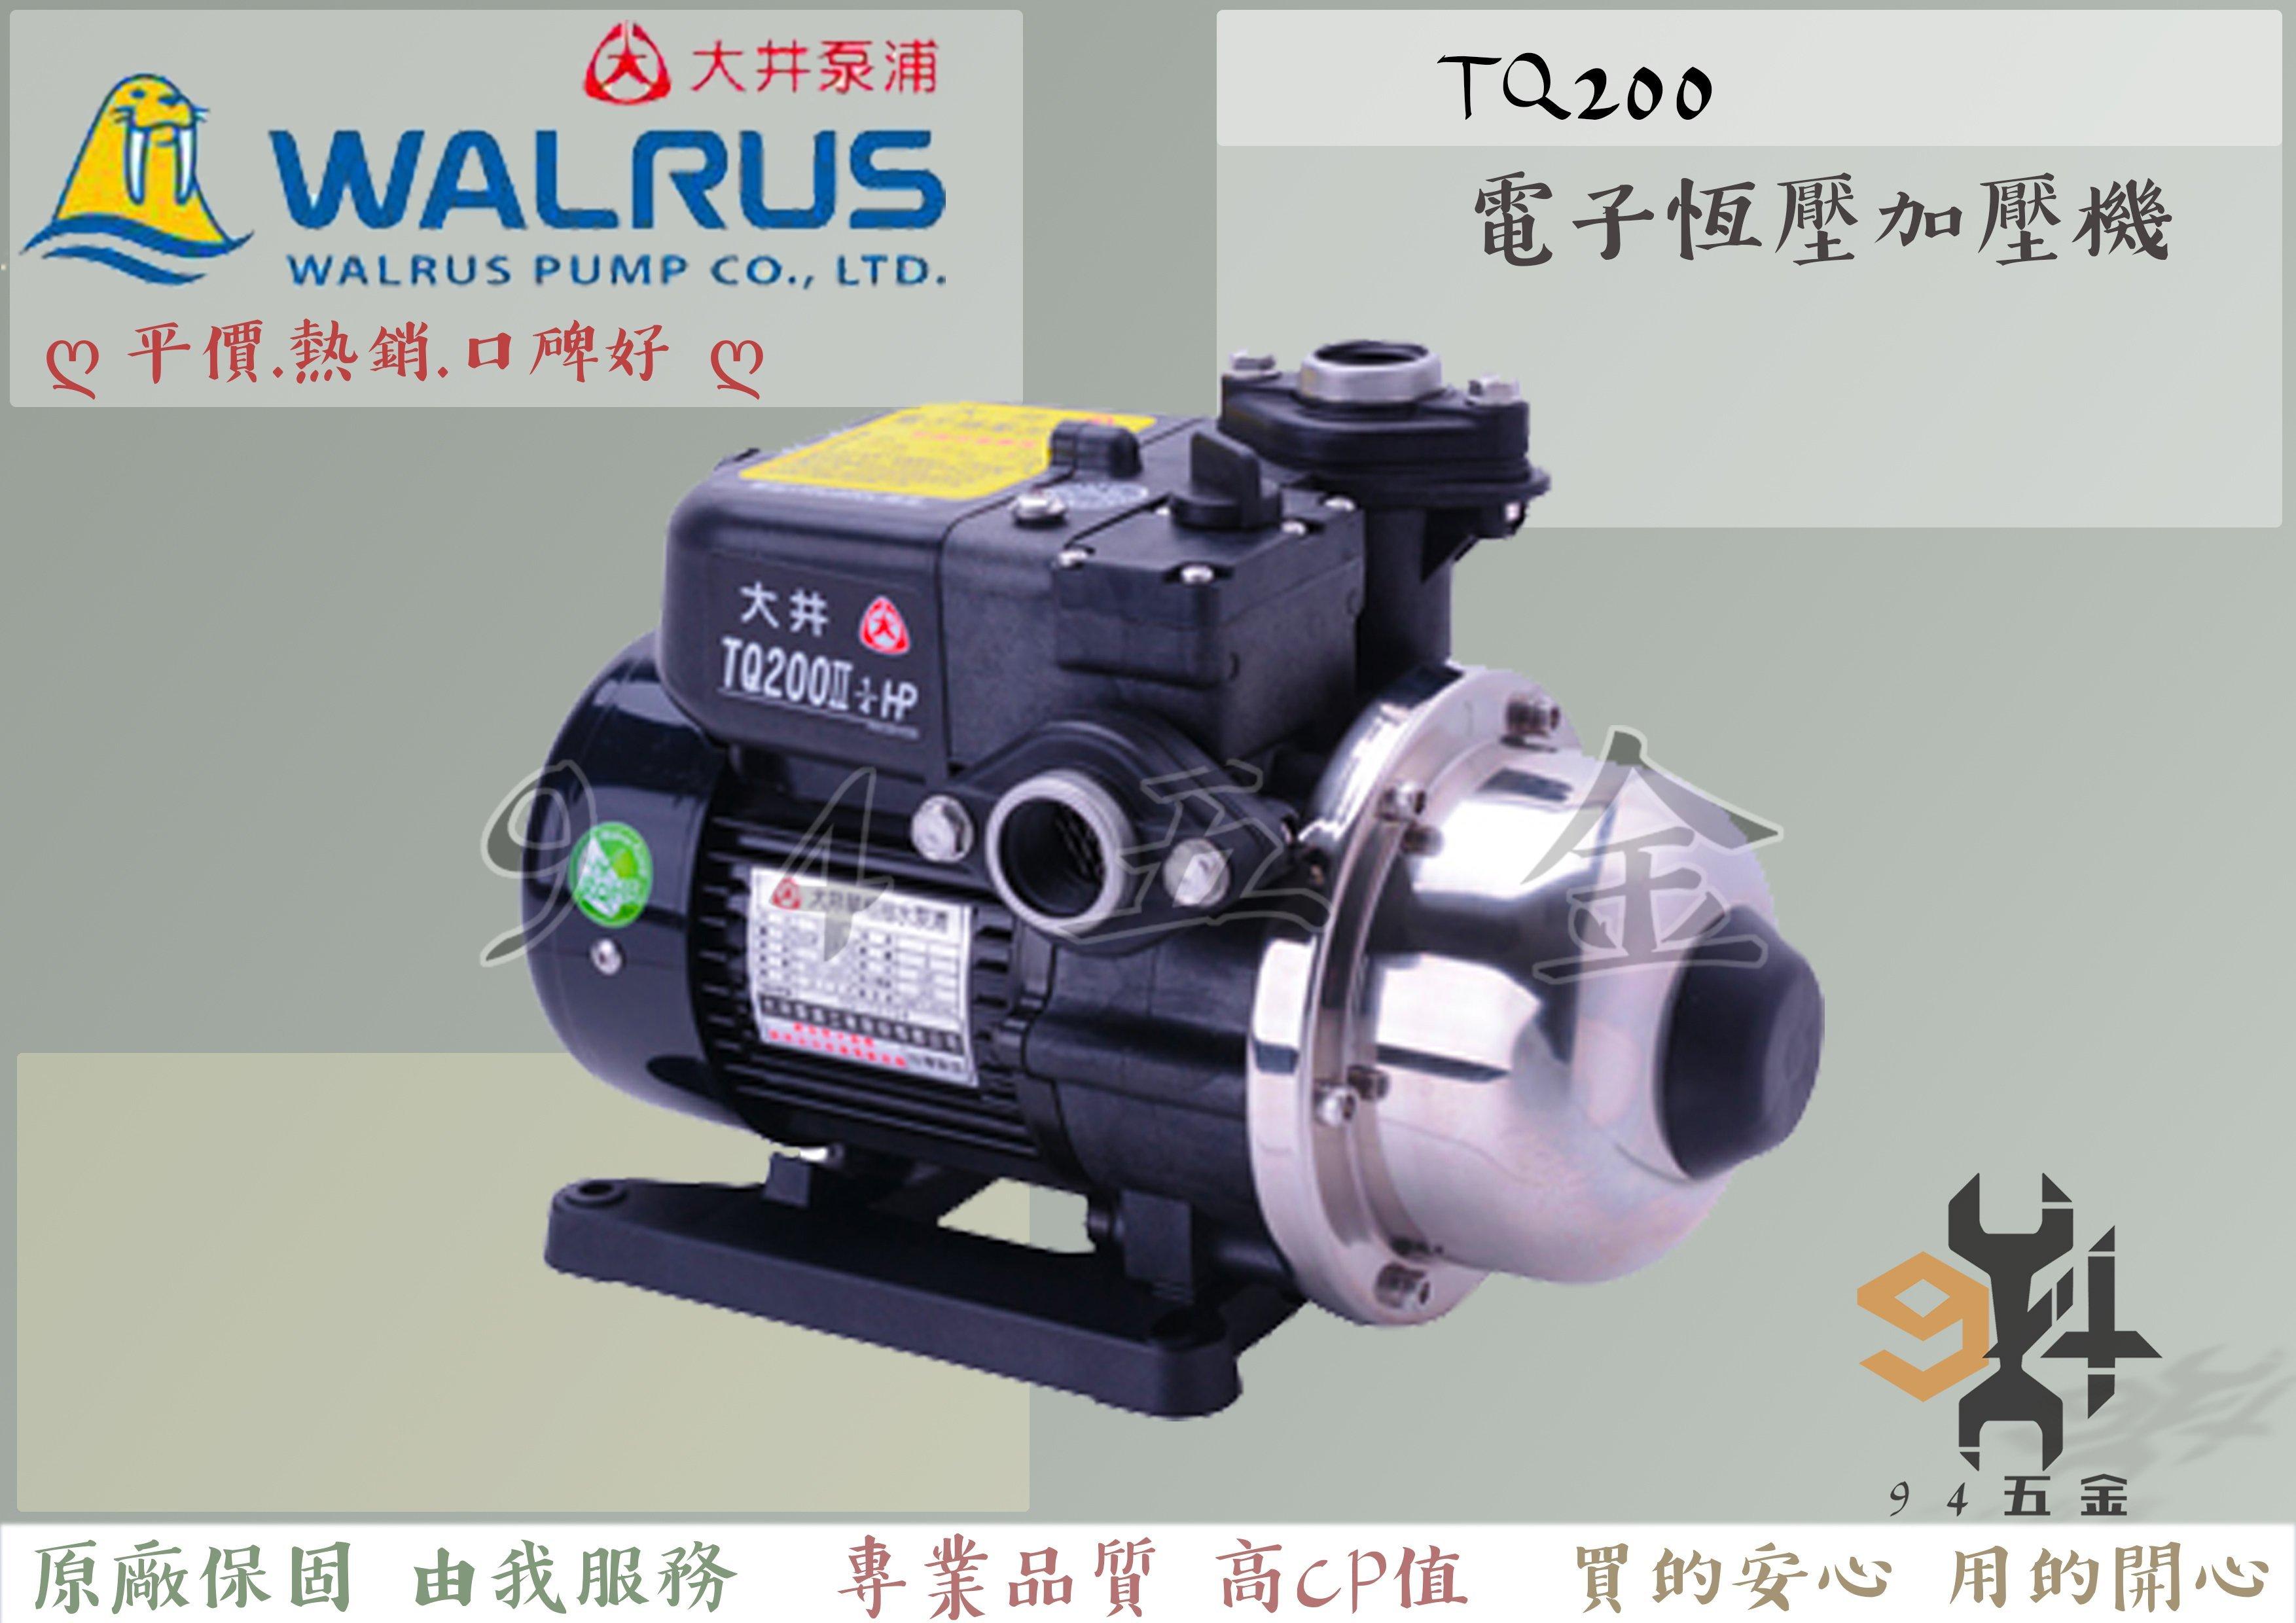 【94五金】♠限量促銷♠大井WALRUS TQ200 1/4HP 加壓機 電子穩壓加壓機 加壓馬達 泵浦 非 KQ200